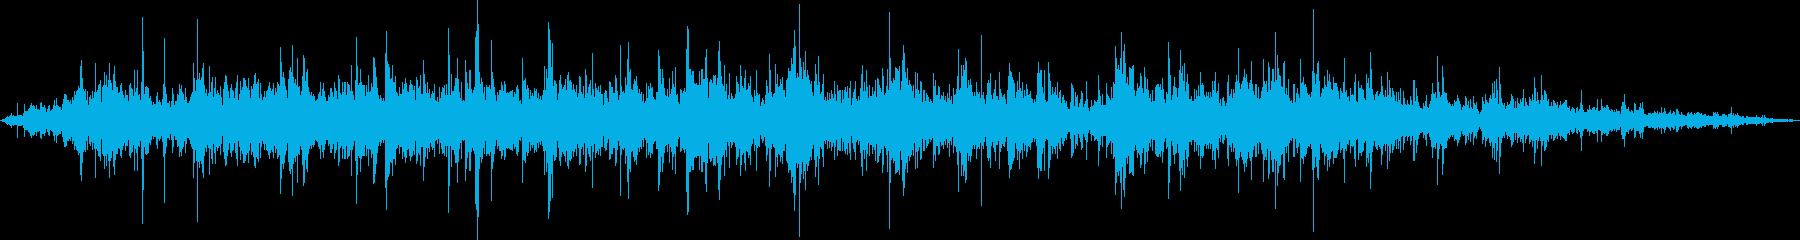 森の中の水車の音の再生済みの波形